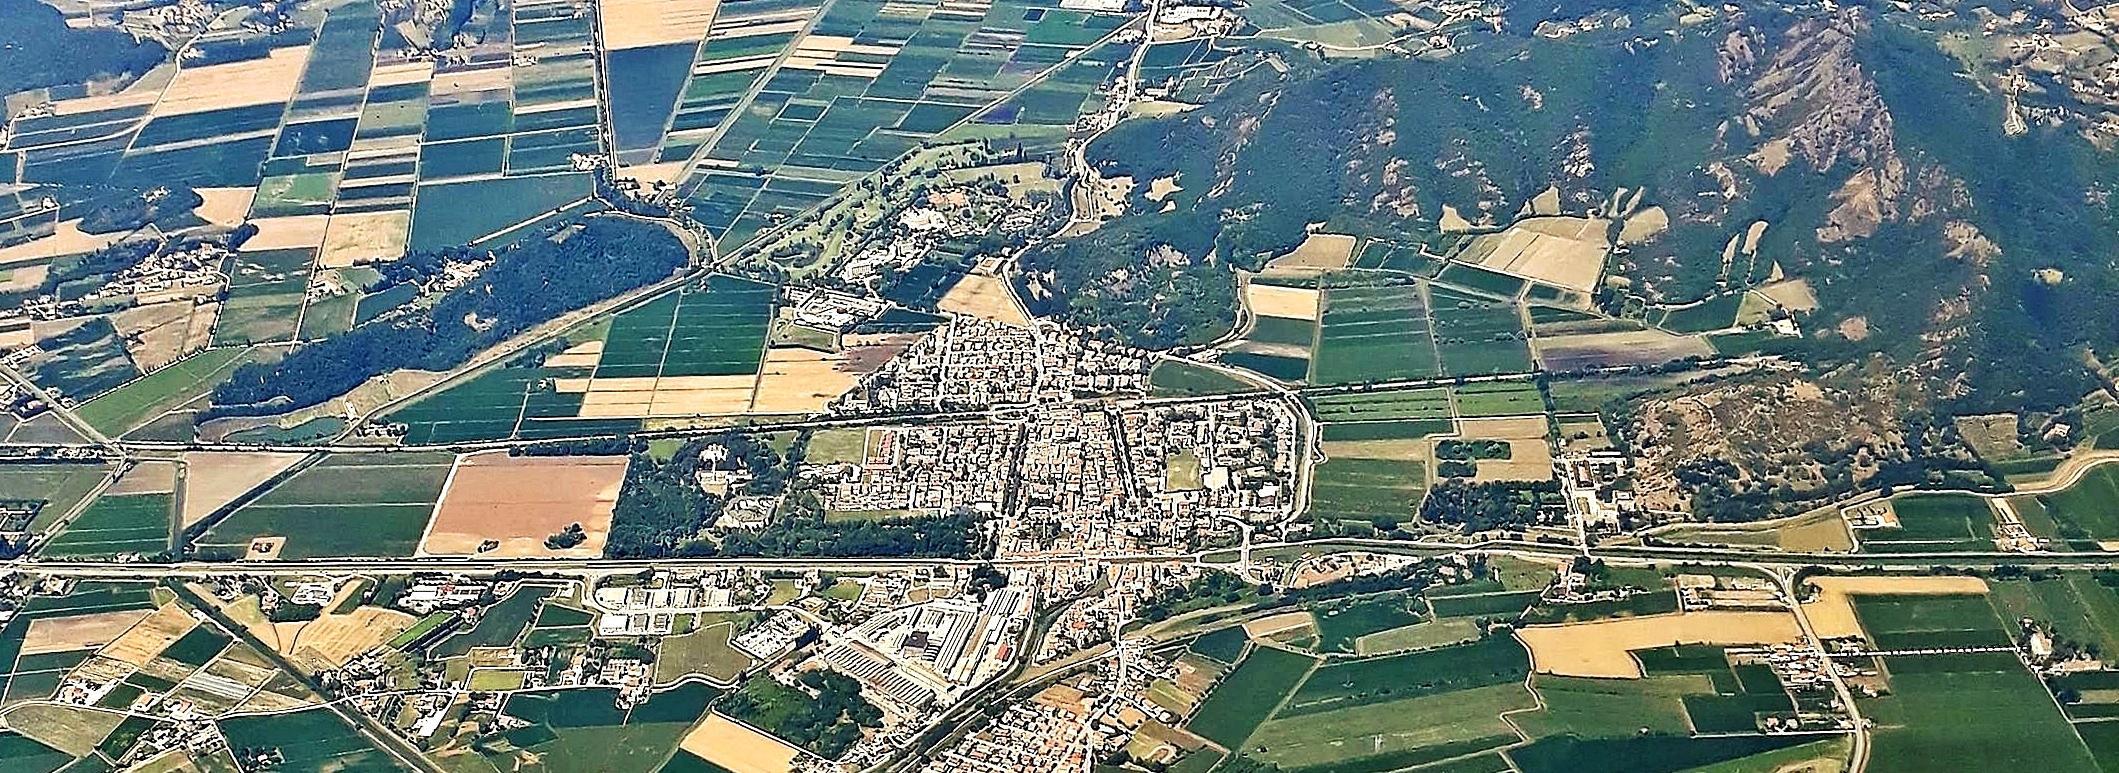 La foto aerea mostra l'abitato di Battaglia Terme, diviso dal canale e dalla ferrovia in tre parti.